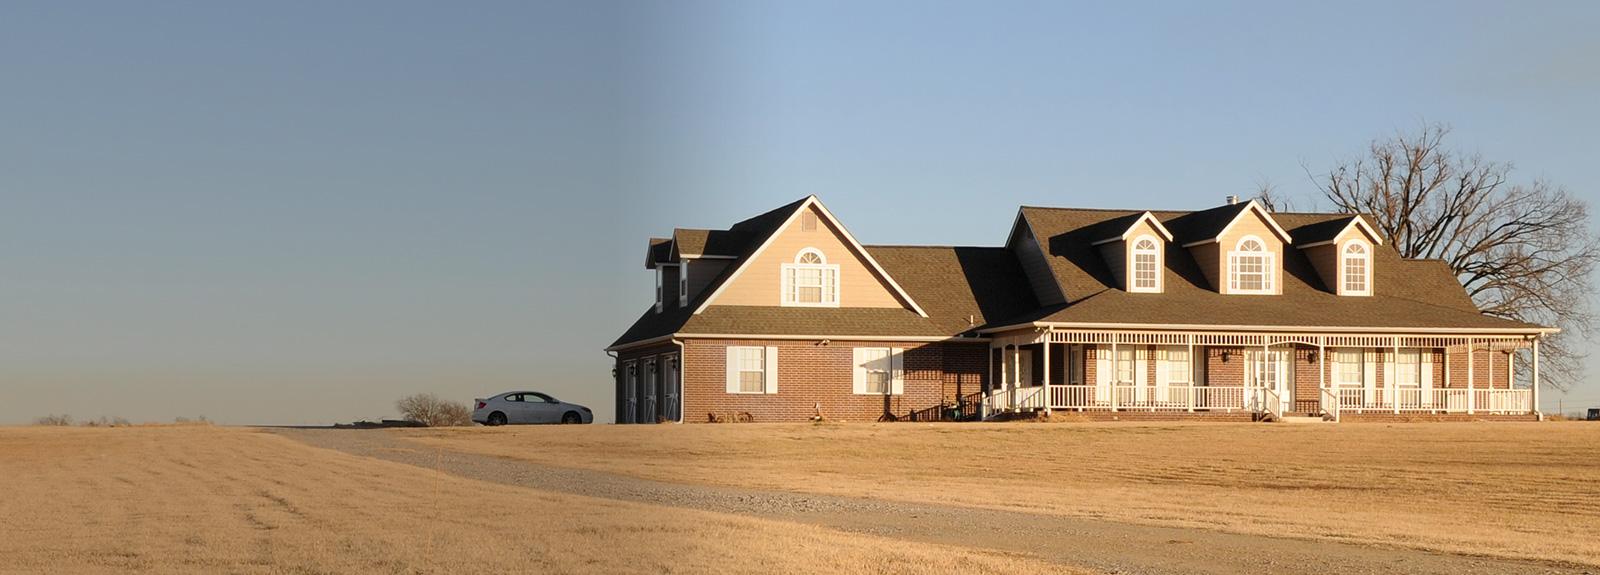 Oklahoma home warranty companies